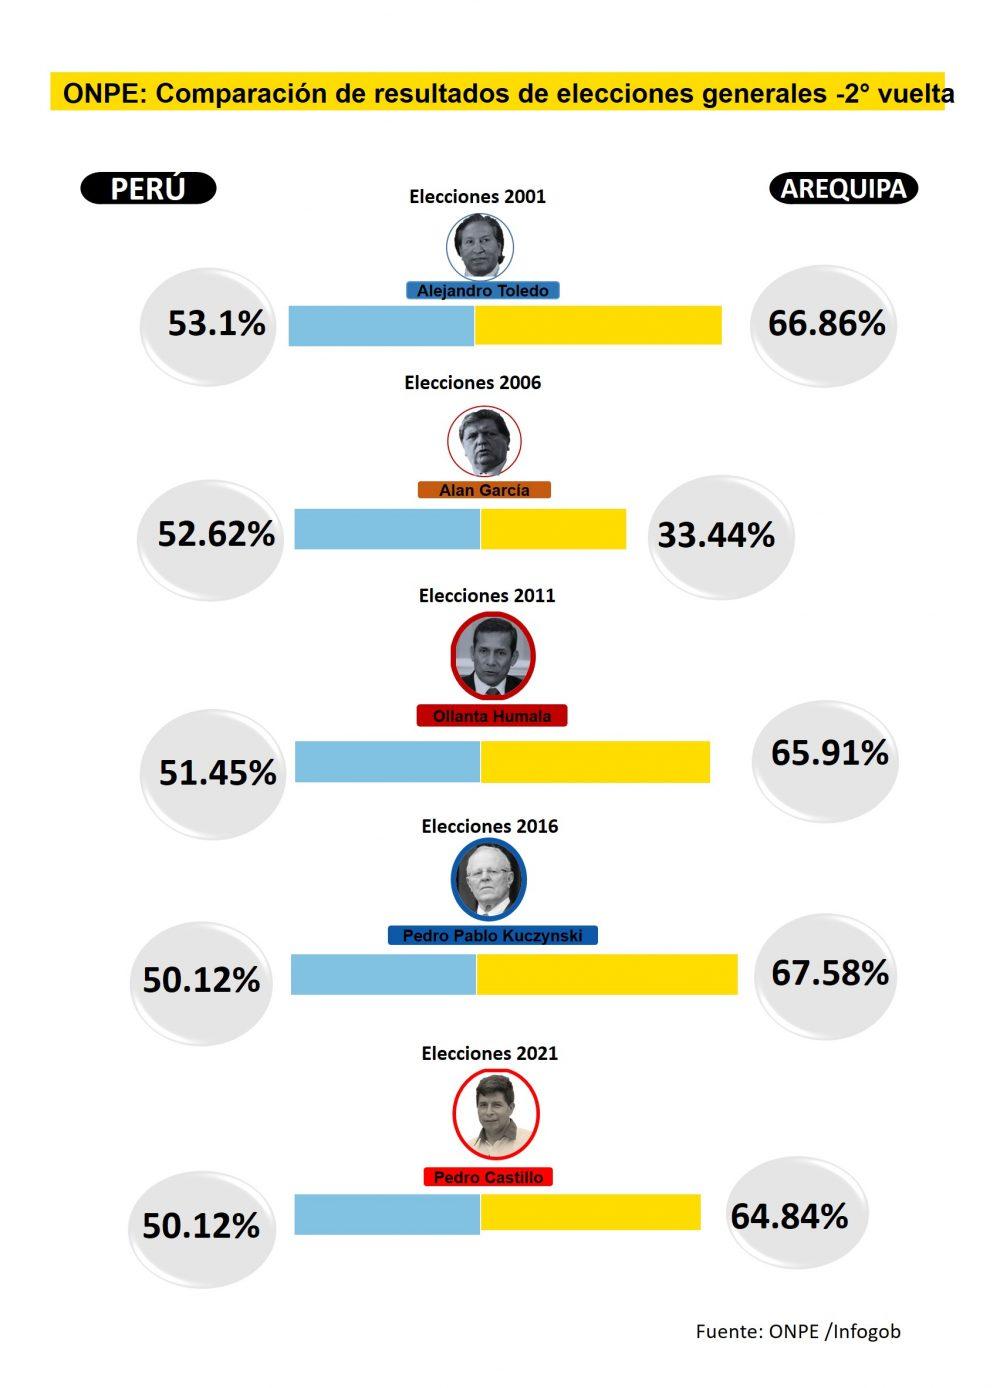 Comparación de votos obtenidos en Arequipa y el Perú